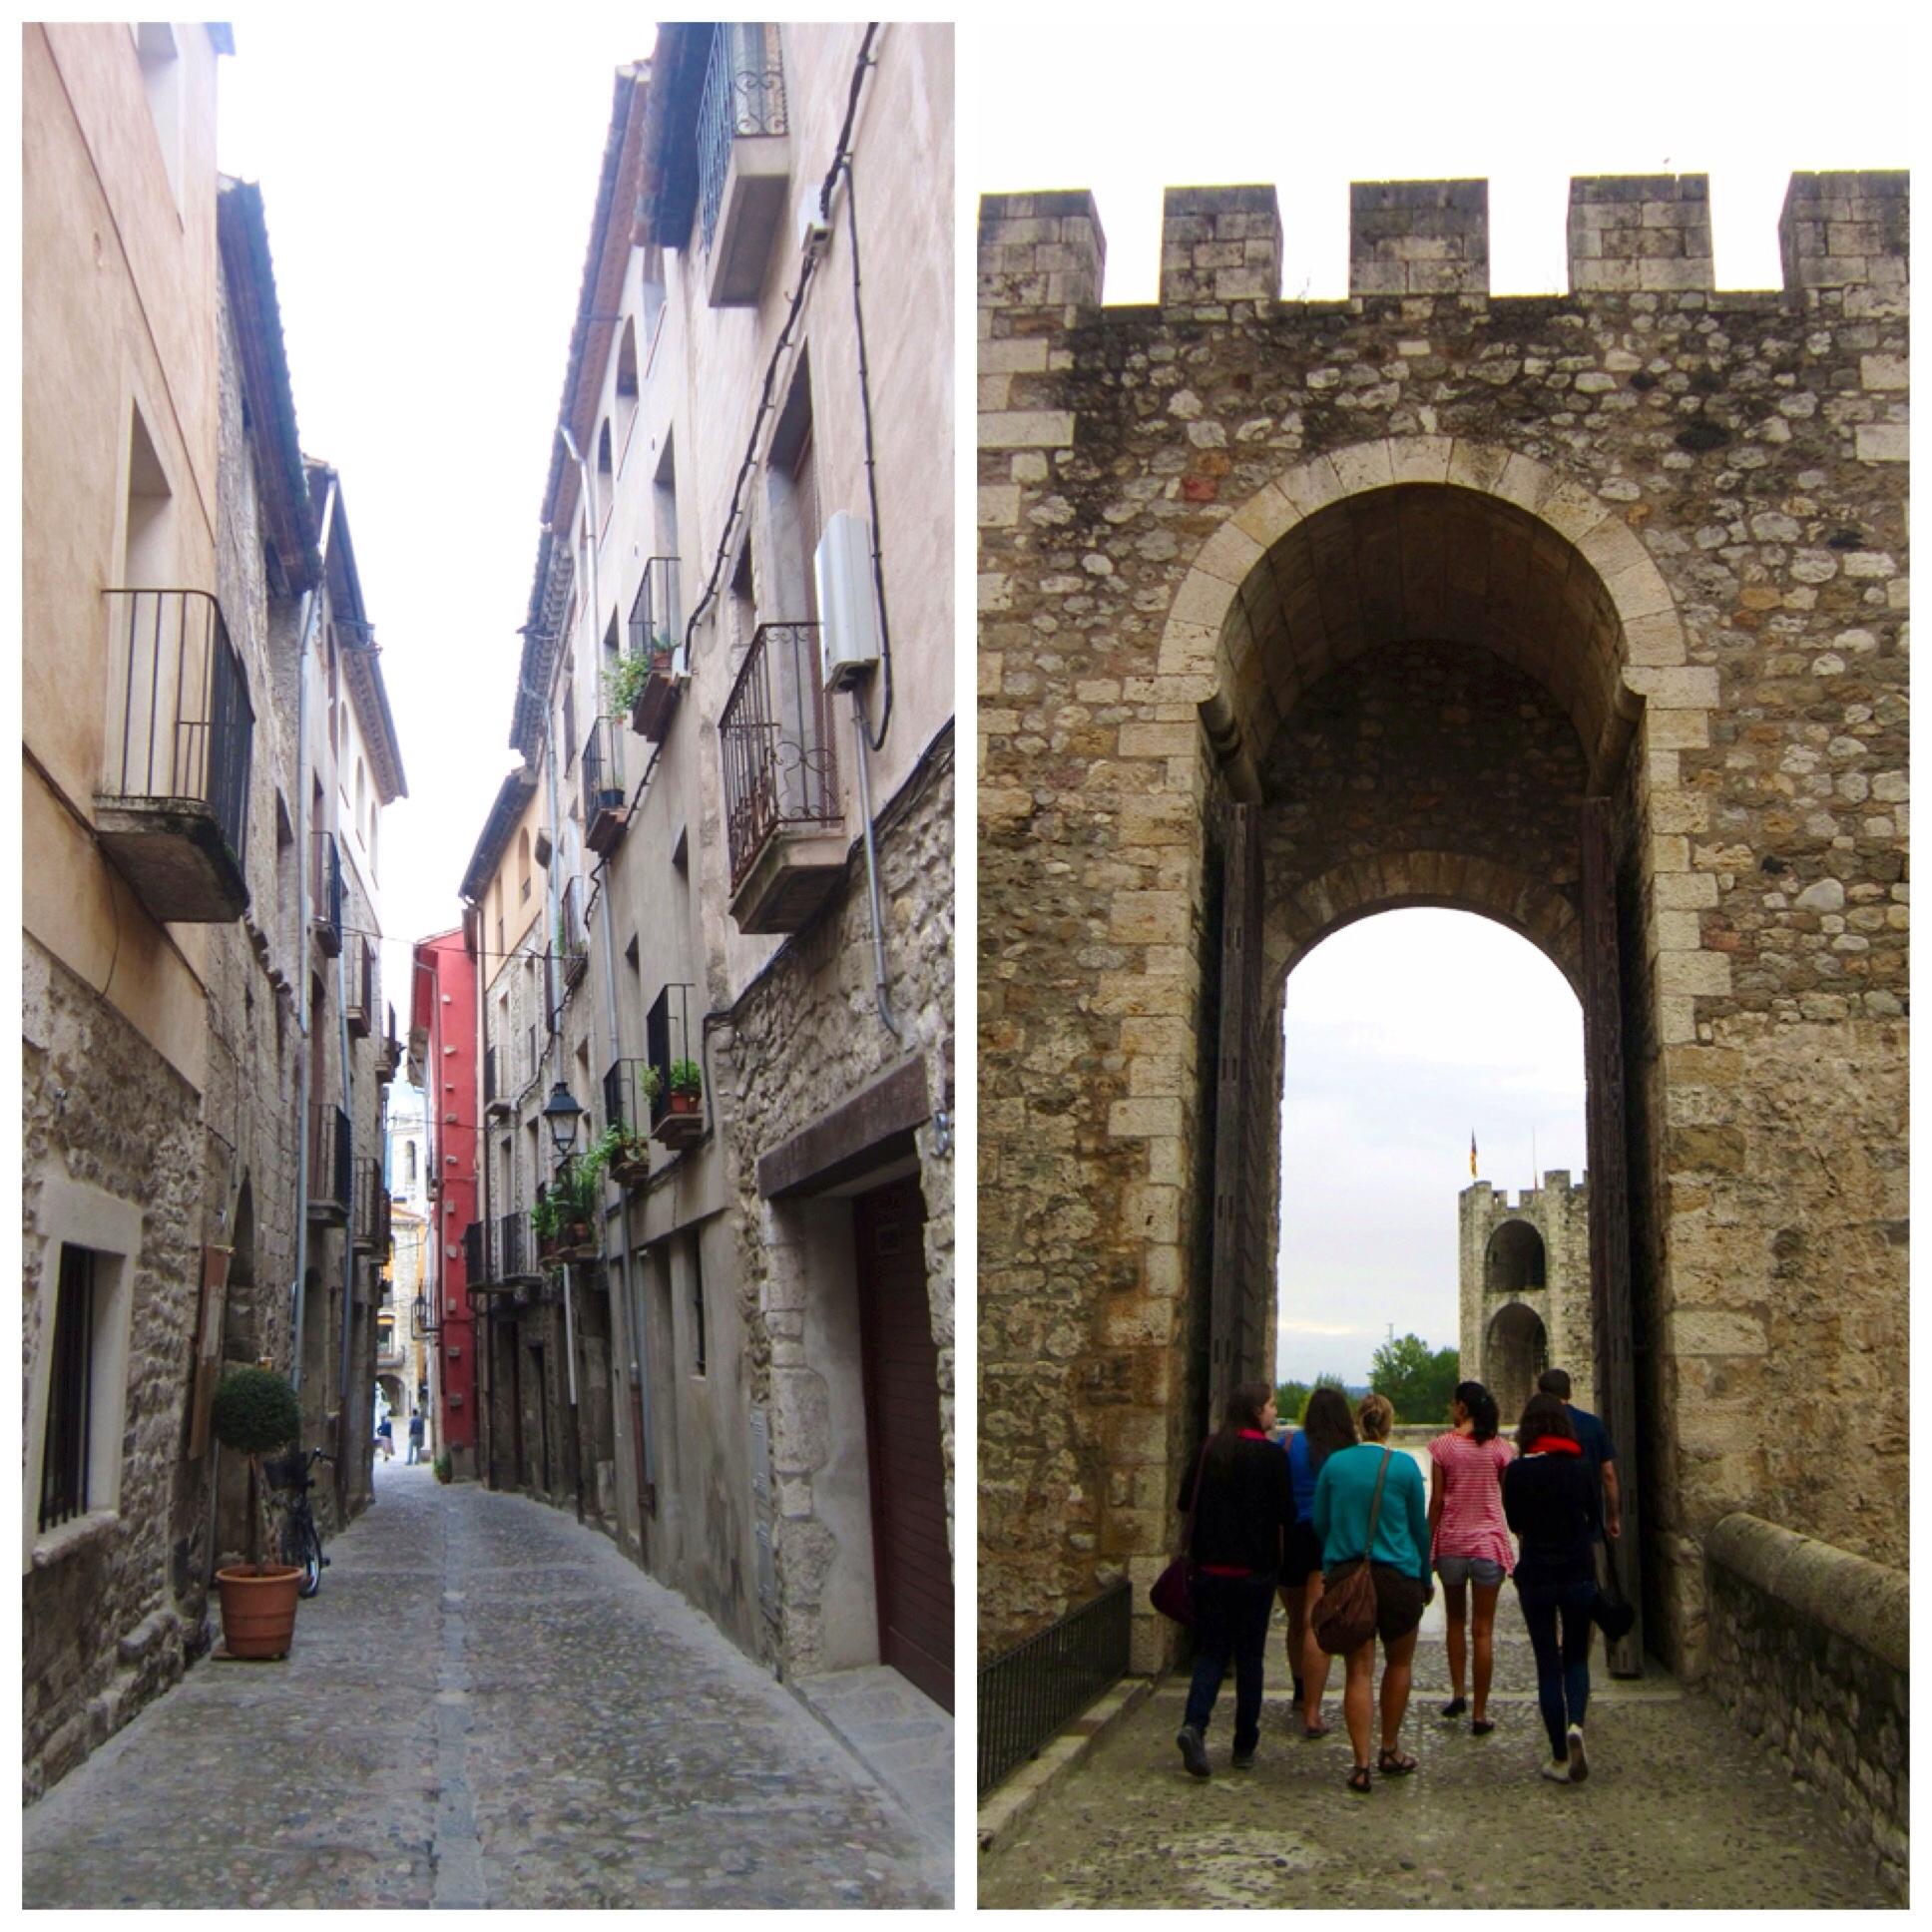 Besalu Spain streets